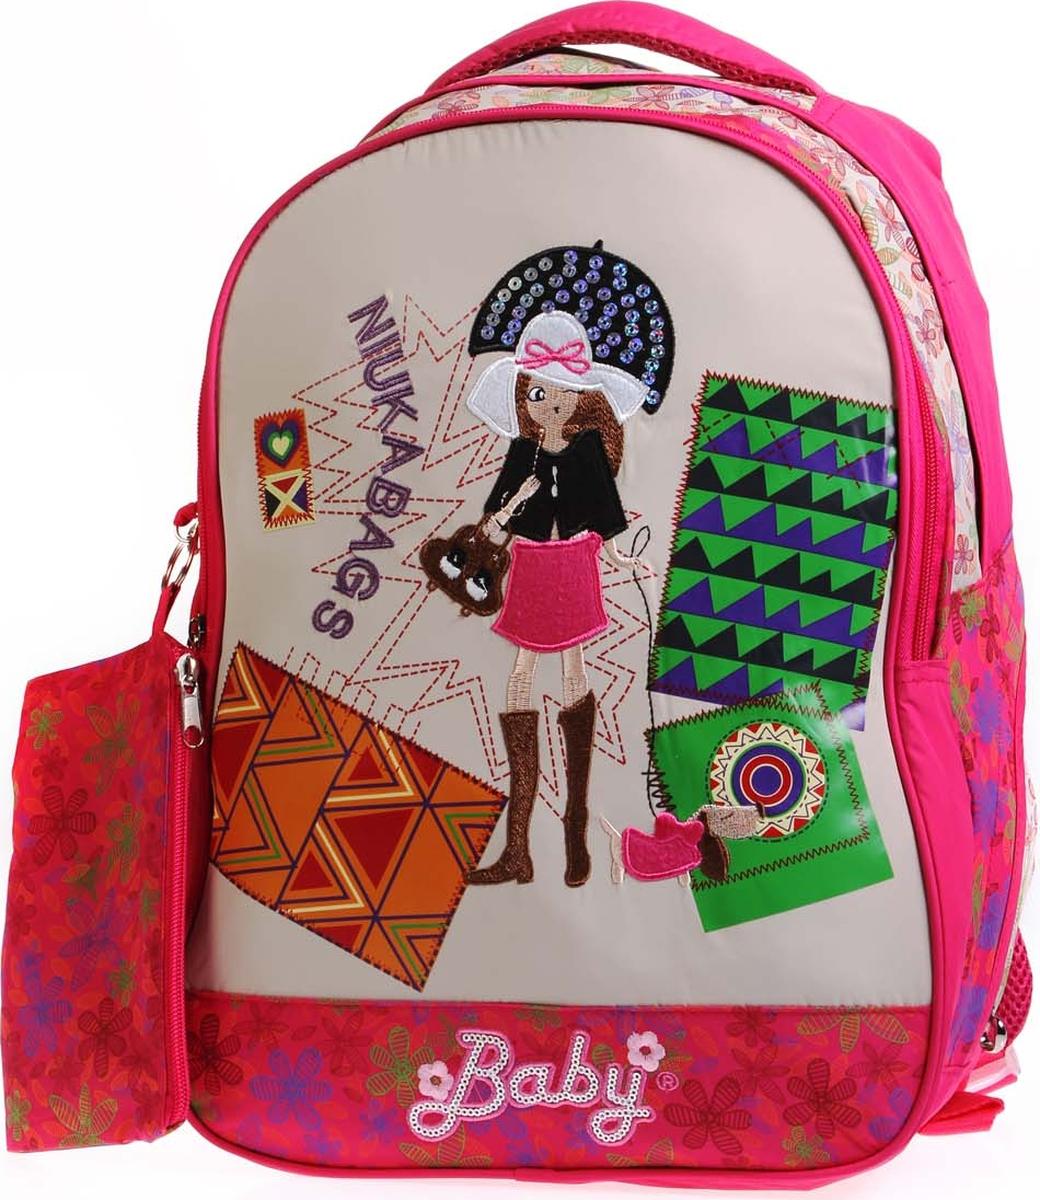 Фото - Vittorio Richi Рюкзак детский с наполнением цвет бежевый розовый K05RN171_2 vittorio richi рюкзак детский с наполнением цвет черный бежевый k05rn171